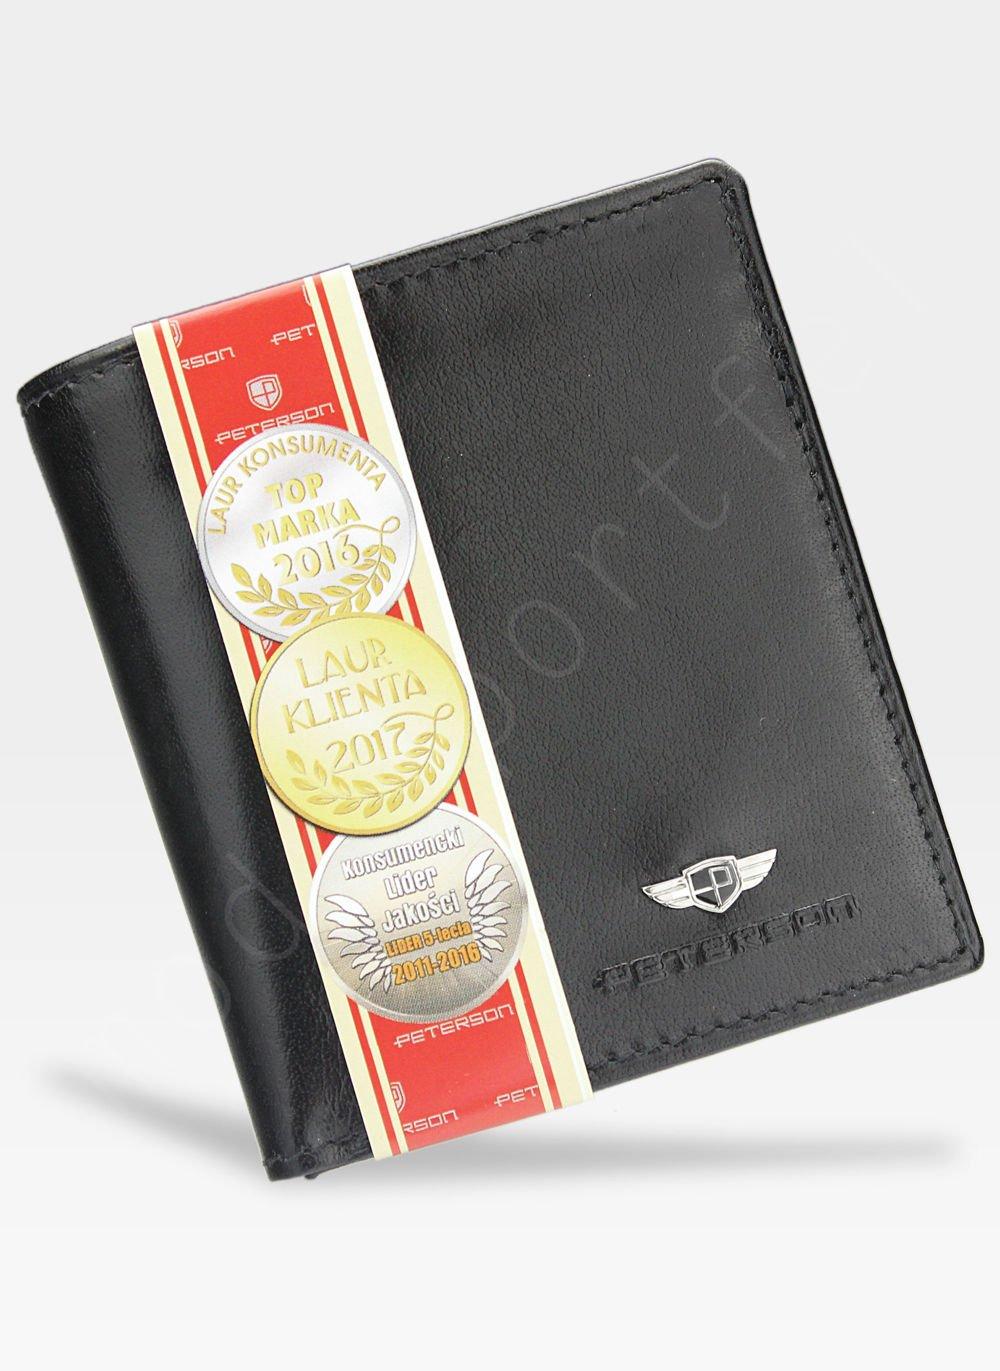 2ace1b938fad7 Kompaktowy Portfel Męski Skórzany Peterson Czarny 365 365 2-1-1 SGWB ...